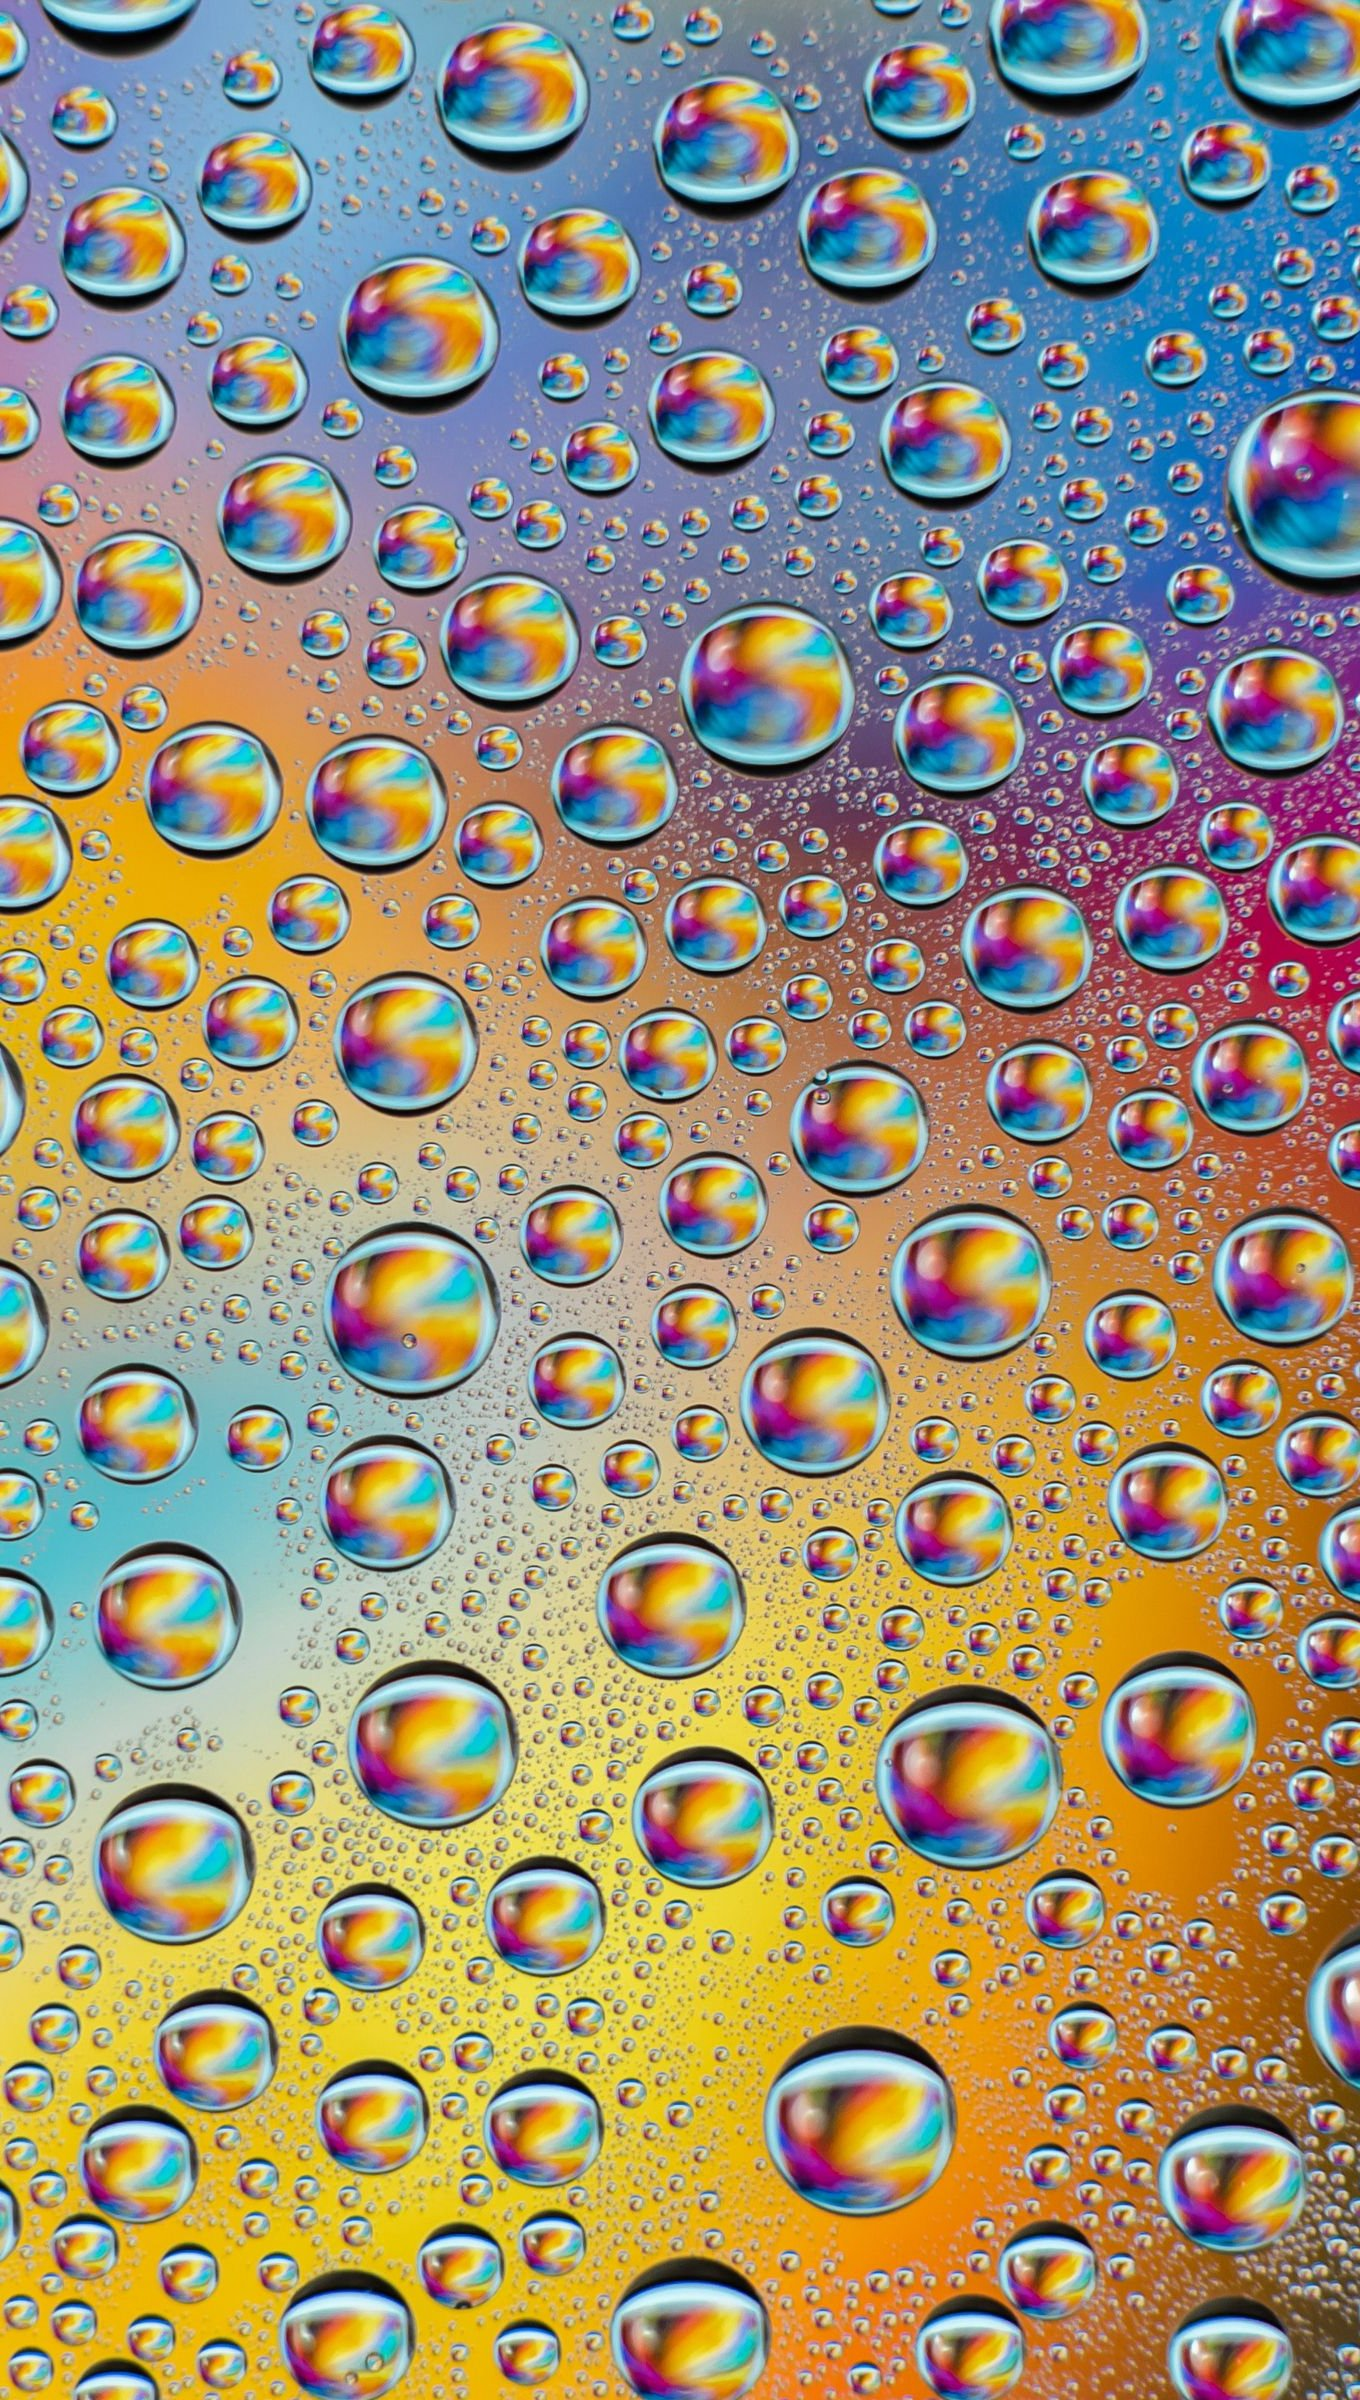 Fondos de pantalla Gotas de agua con colores del arcoiris Vertical